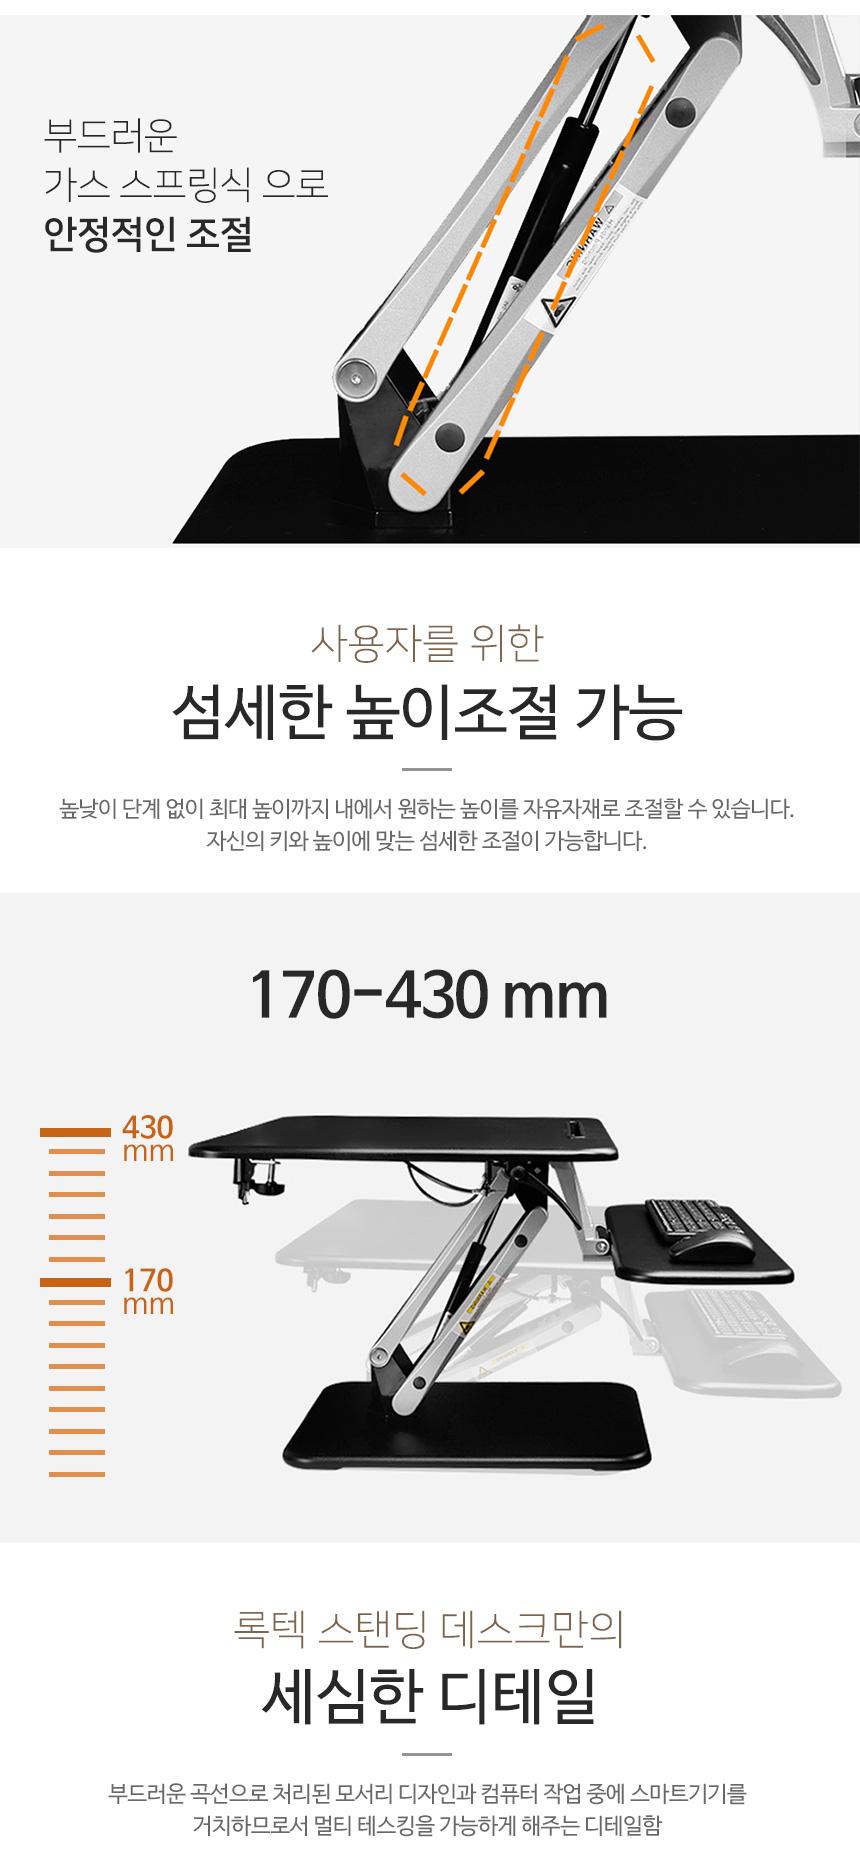 록텍 서서일하는 높이조절책상/MT103M - 천하지엘씨, 430,000원, 책상/의자, 컴퓨터/사무용 책상